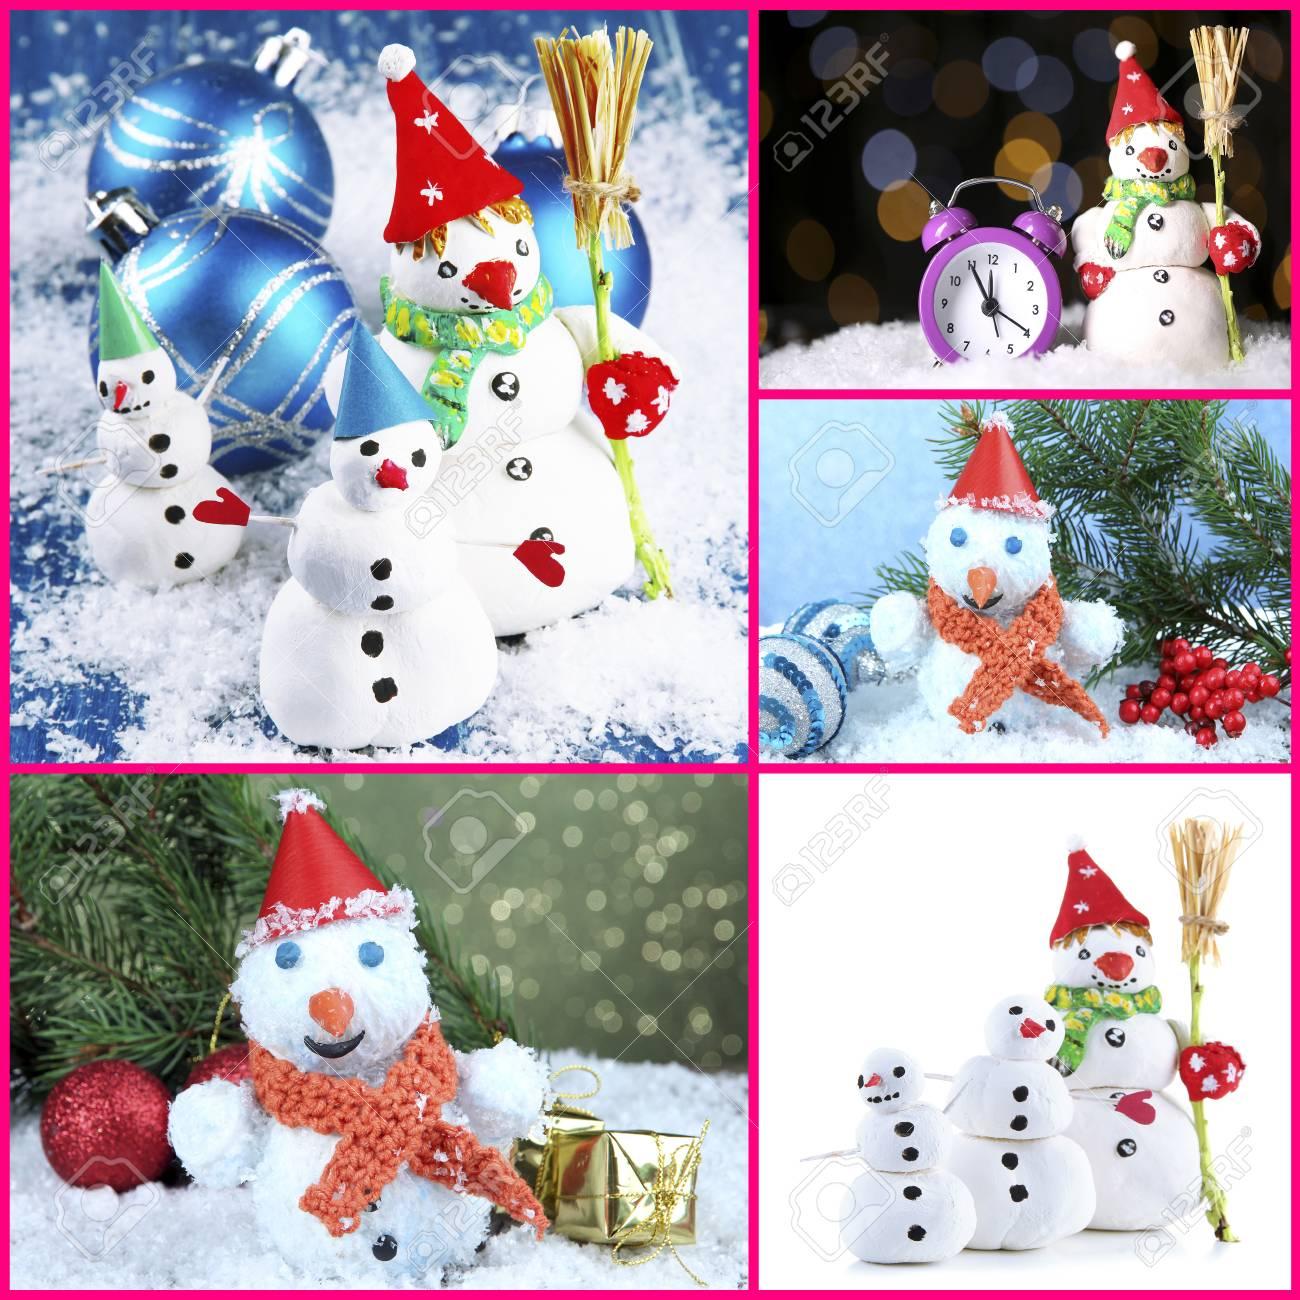 Collage Von Schönen Schneemänner Und Weihnachtsdekor Lizenzfreie ...